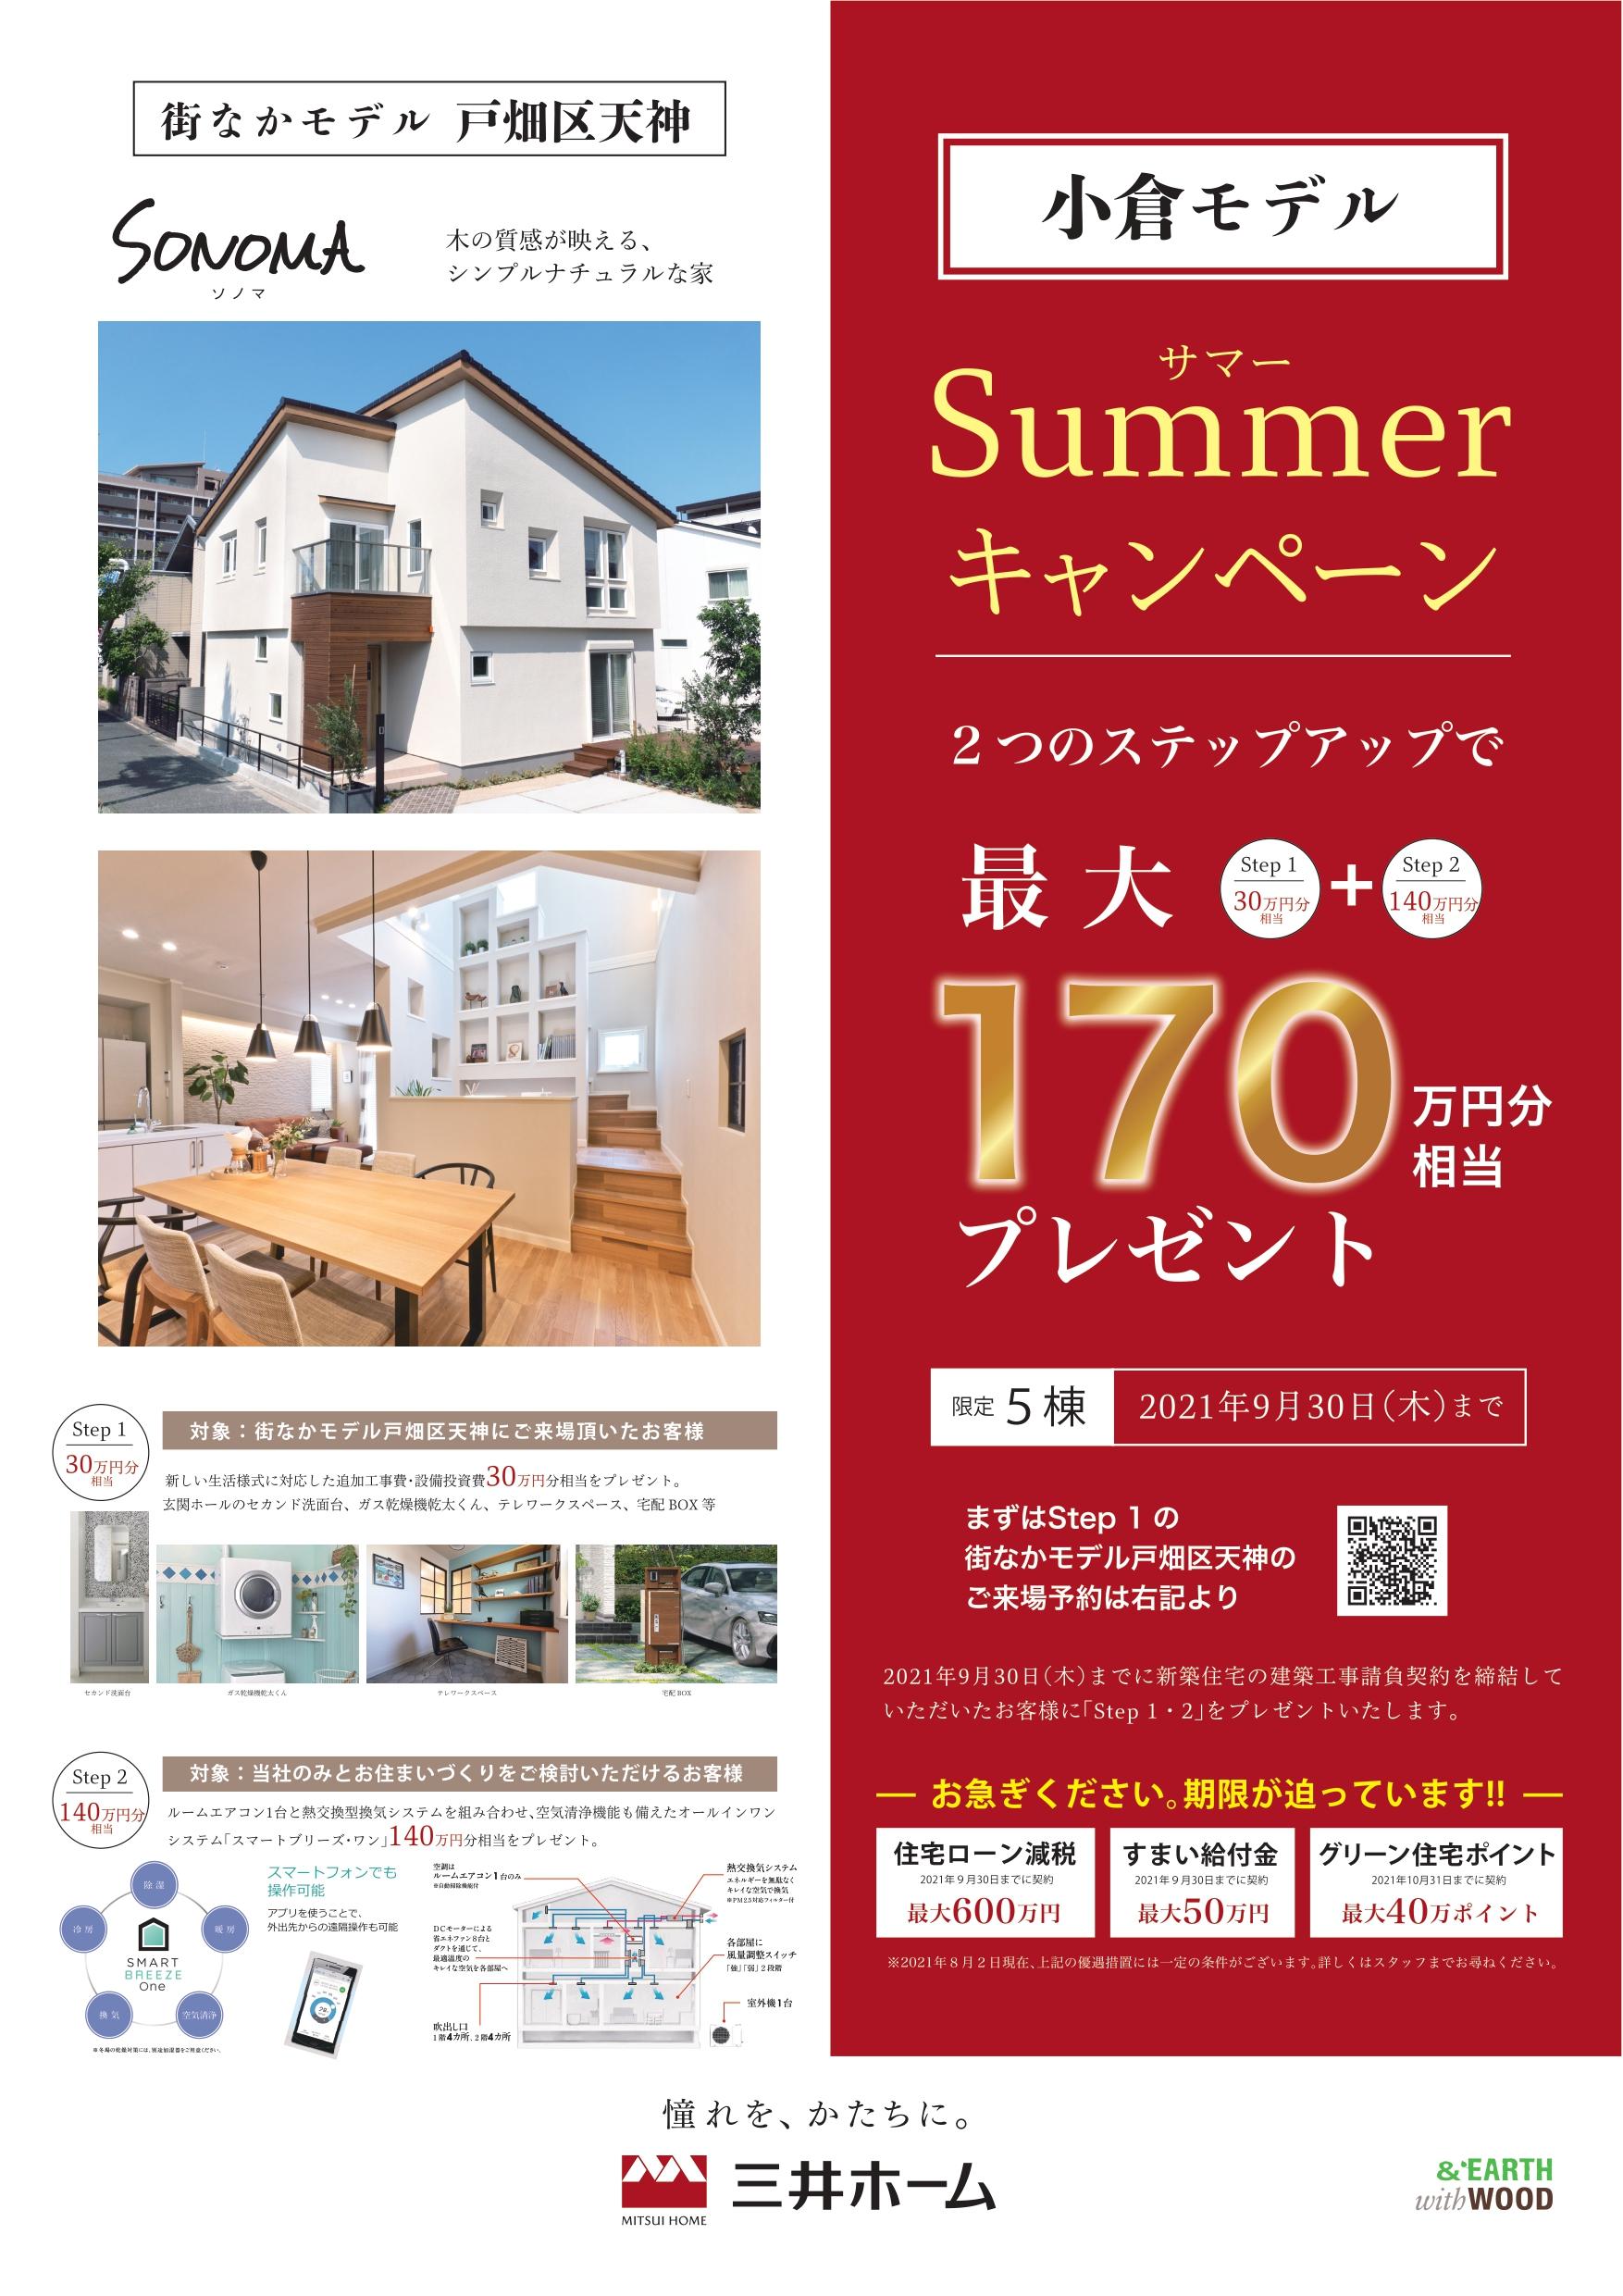 【三井ホーム】2021年9月Summerキャンペーン